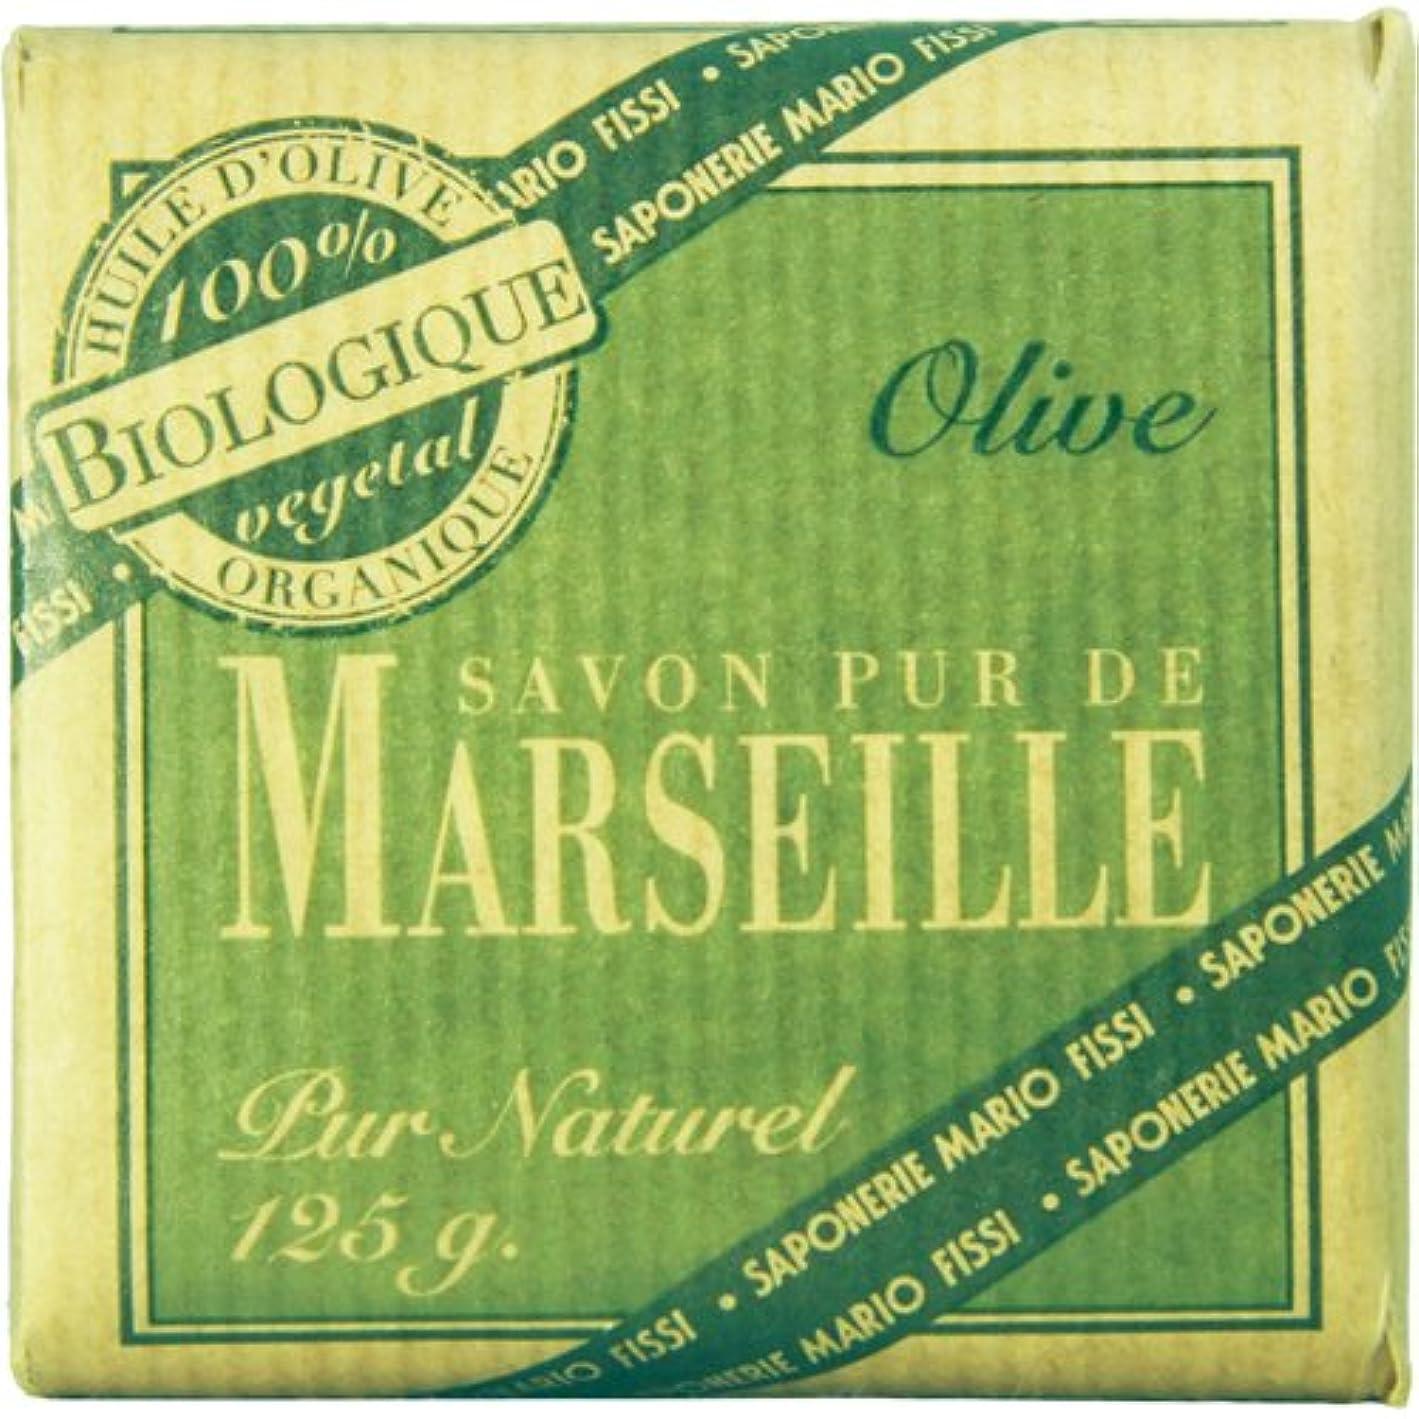 内部前進同盟Saponerire Fissi マルセイユシリーズ マルセイユソープ 125g Olive オリーブ